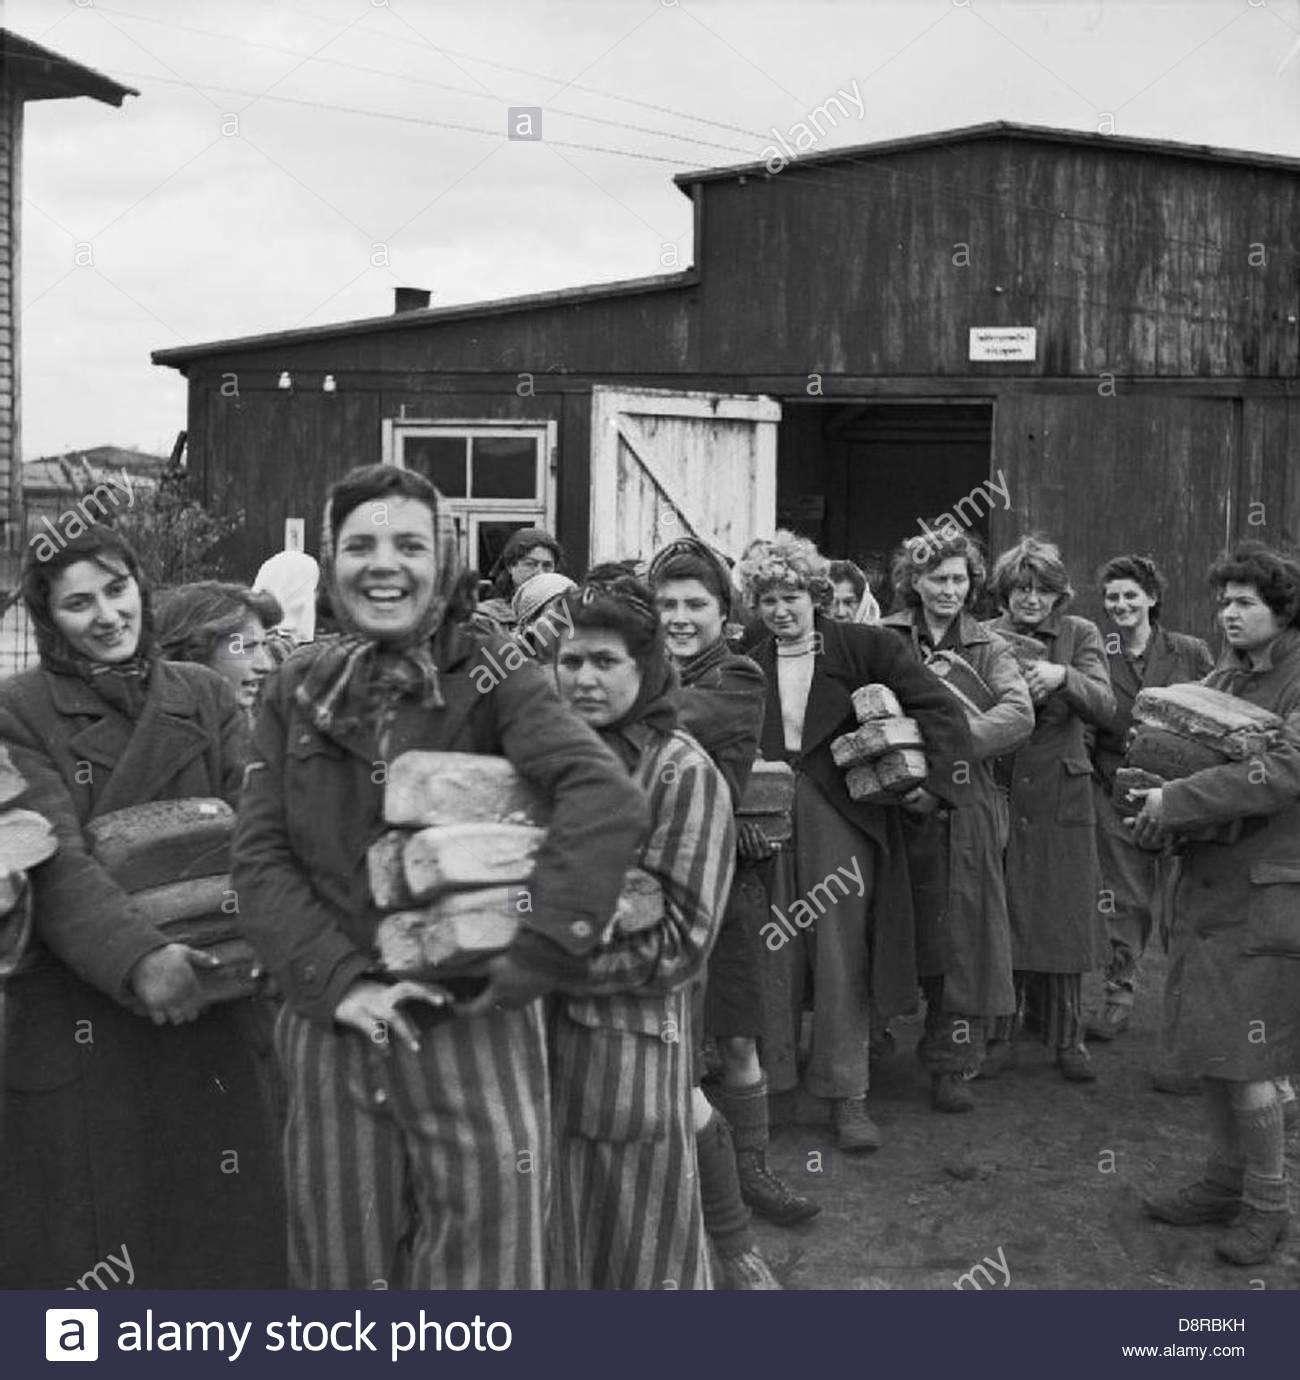 La libération du camp de concentration de Belsen Bergen-, avril 1945 BU4274.Banque D'Images